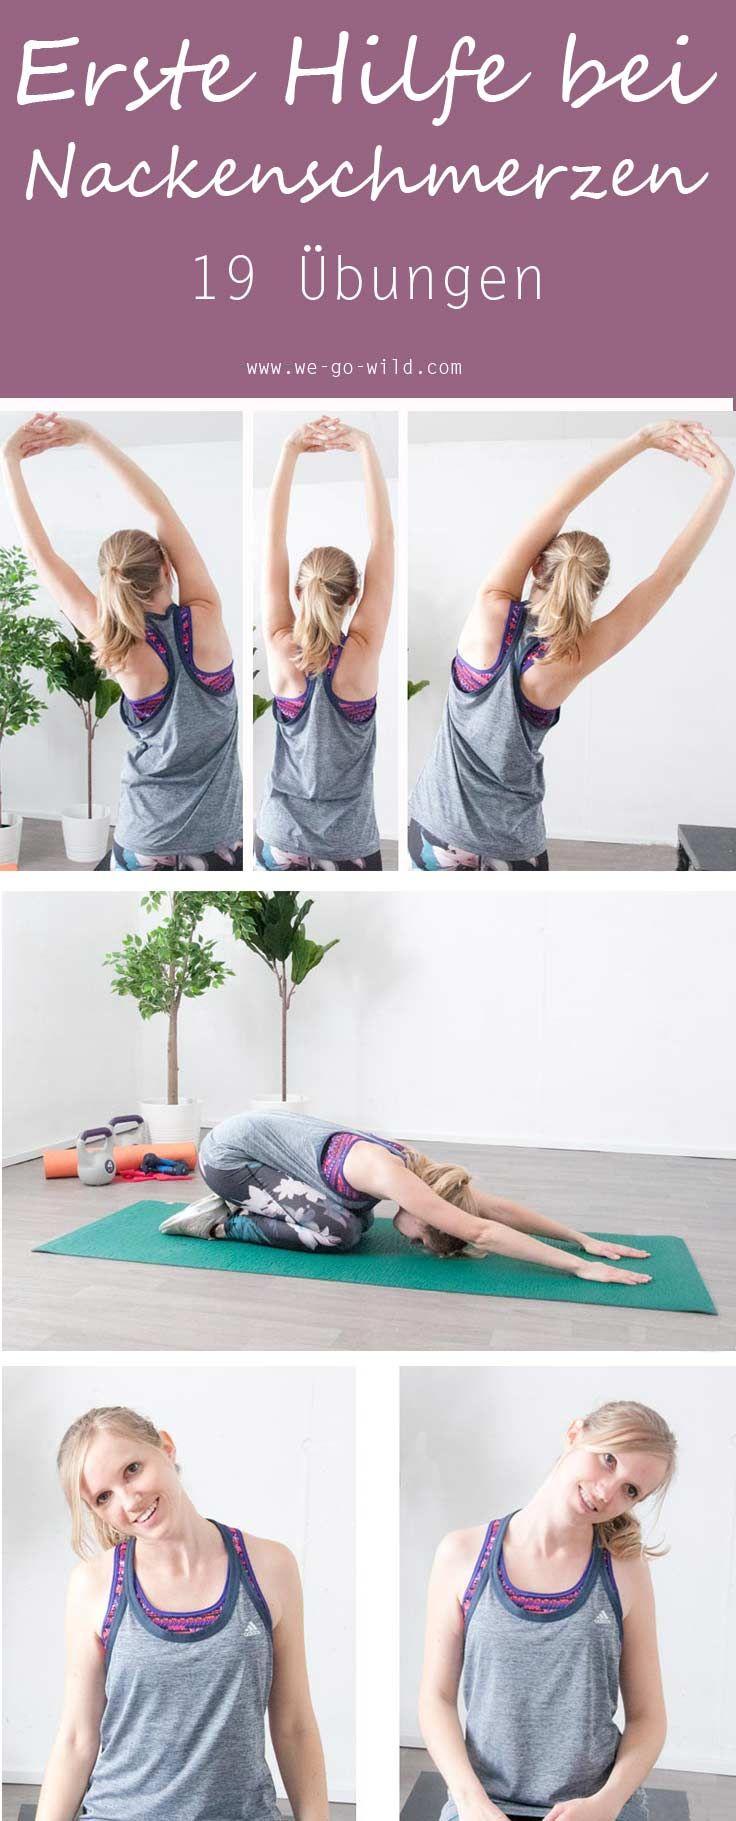 Nackenschmerzen Übungen. Tipps und Tricks gegen einen verspannten Nacken. Diese Übungen helfen dir beim Verspannungen lösen und du bist bald wieder schmerzfrei.  Weil ein verspannter Nacken nicht zu unterschätzen ist.  #übungen #verspannung #nacken